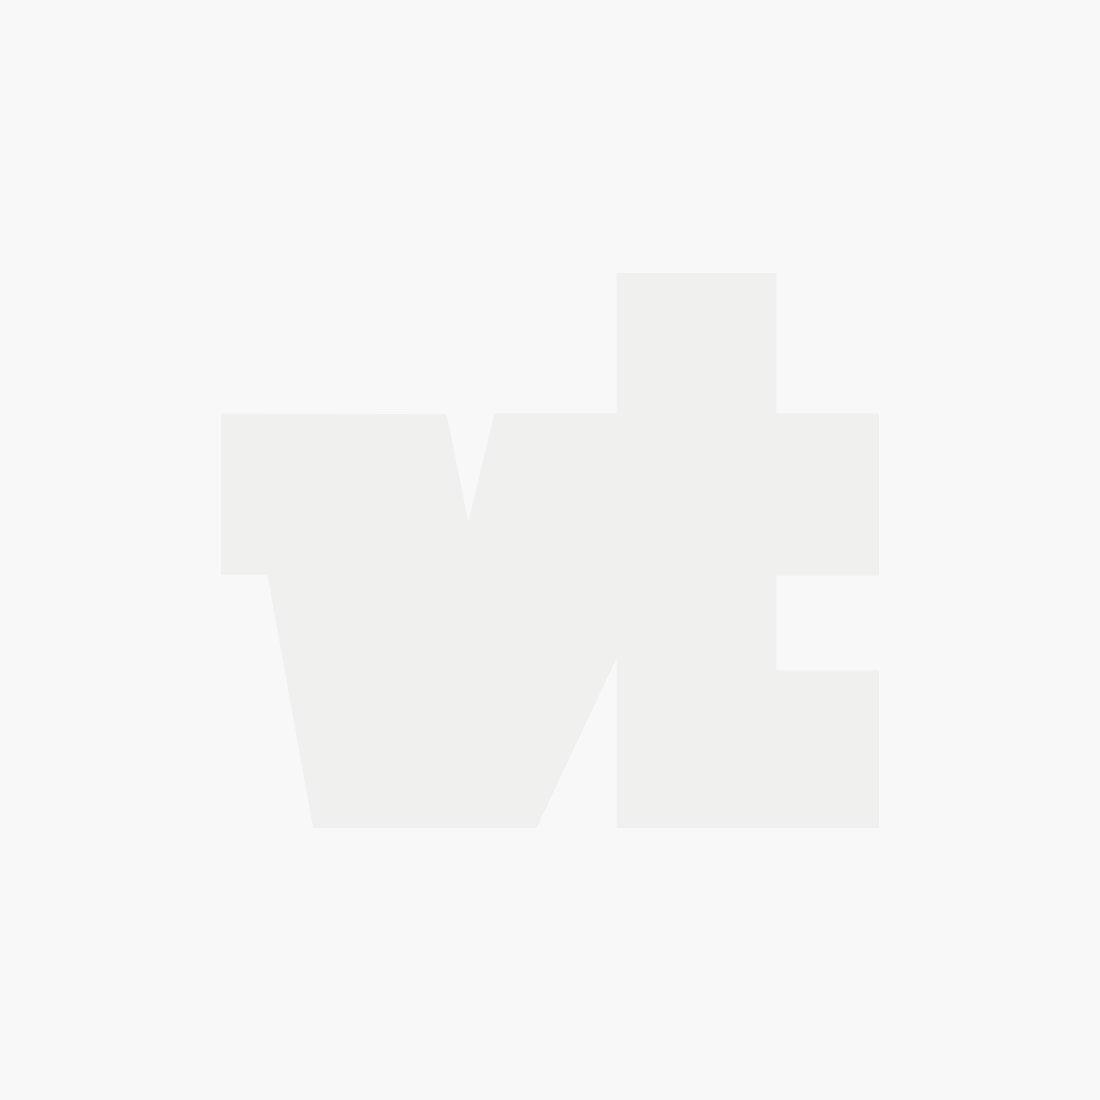 Shortsleeve knit blue